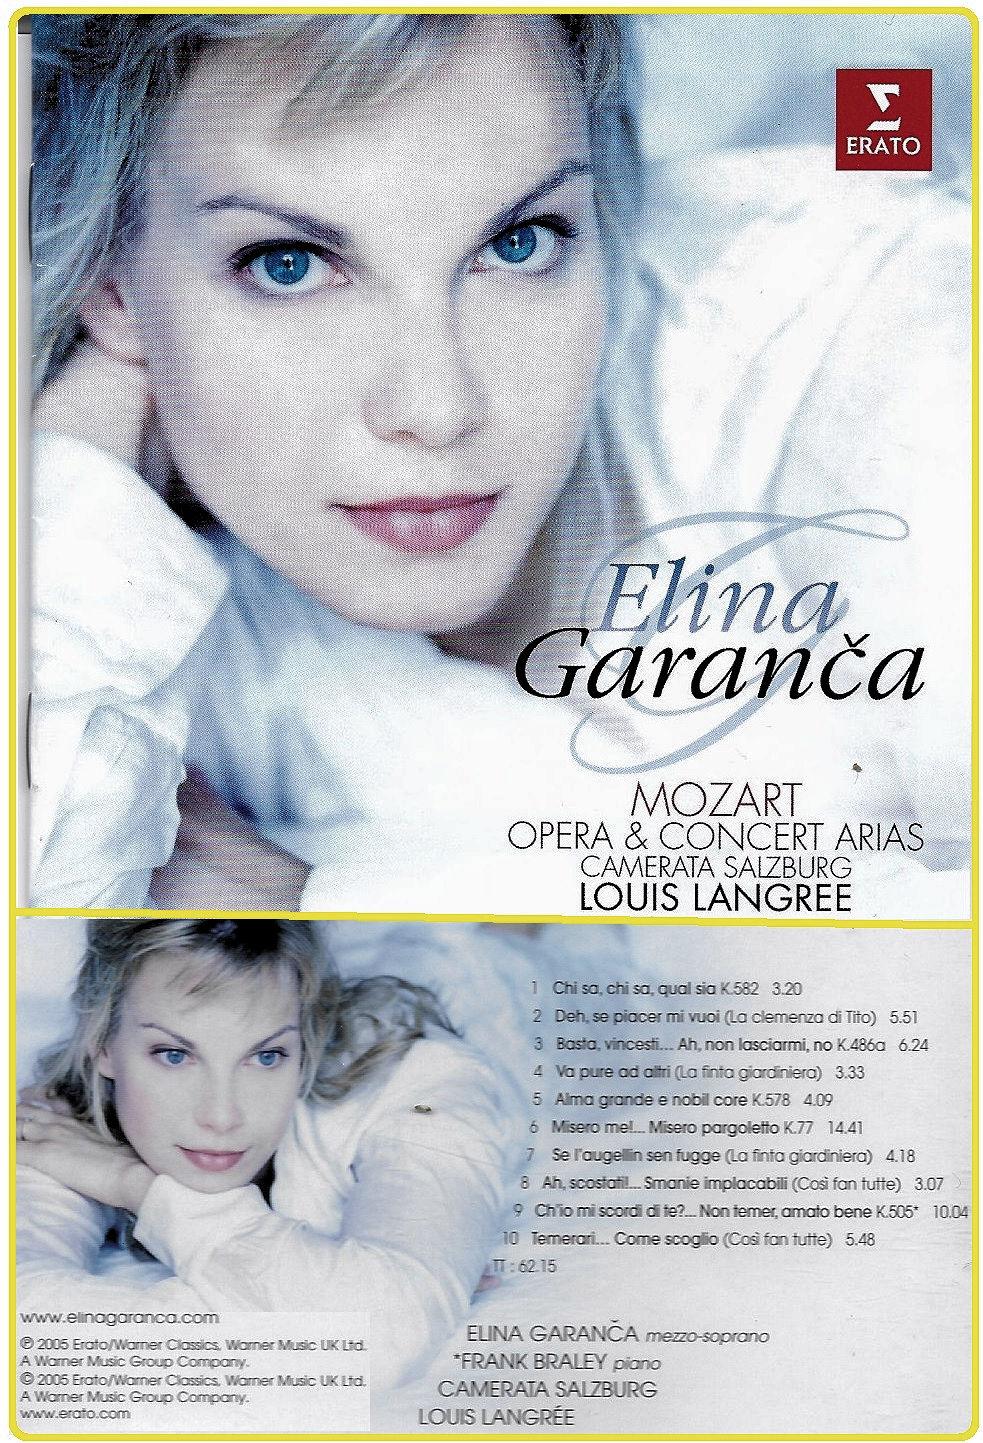 Elïna Garanča Album Mozart Concert Arias